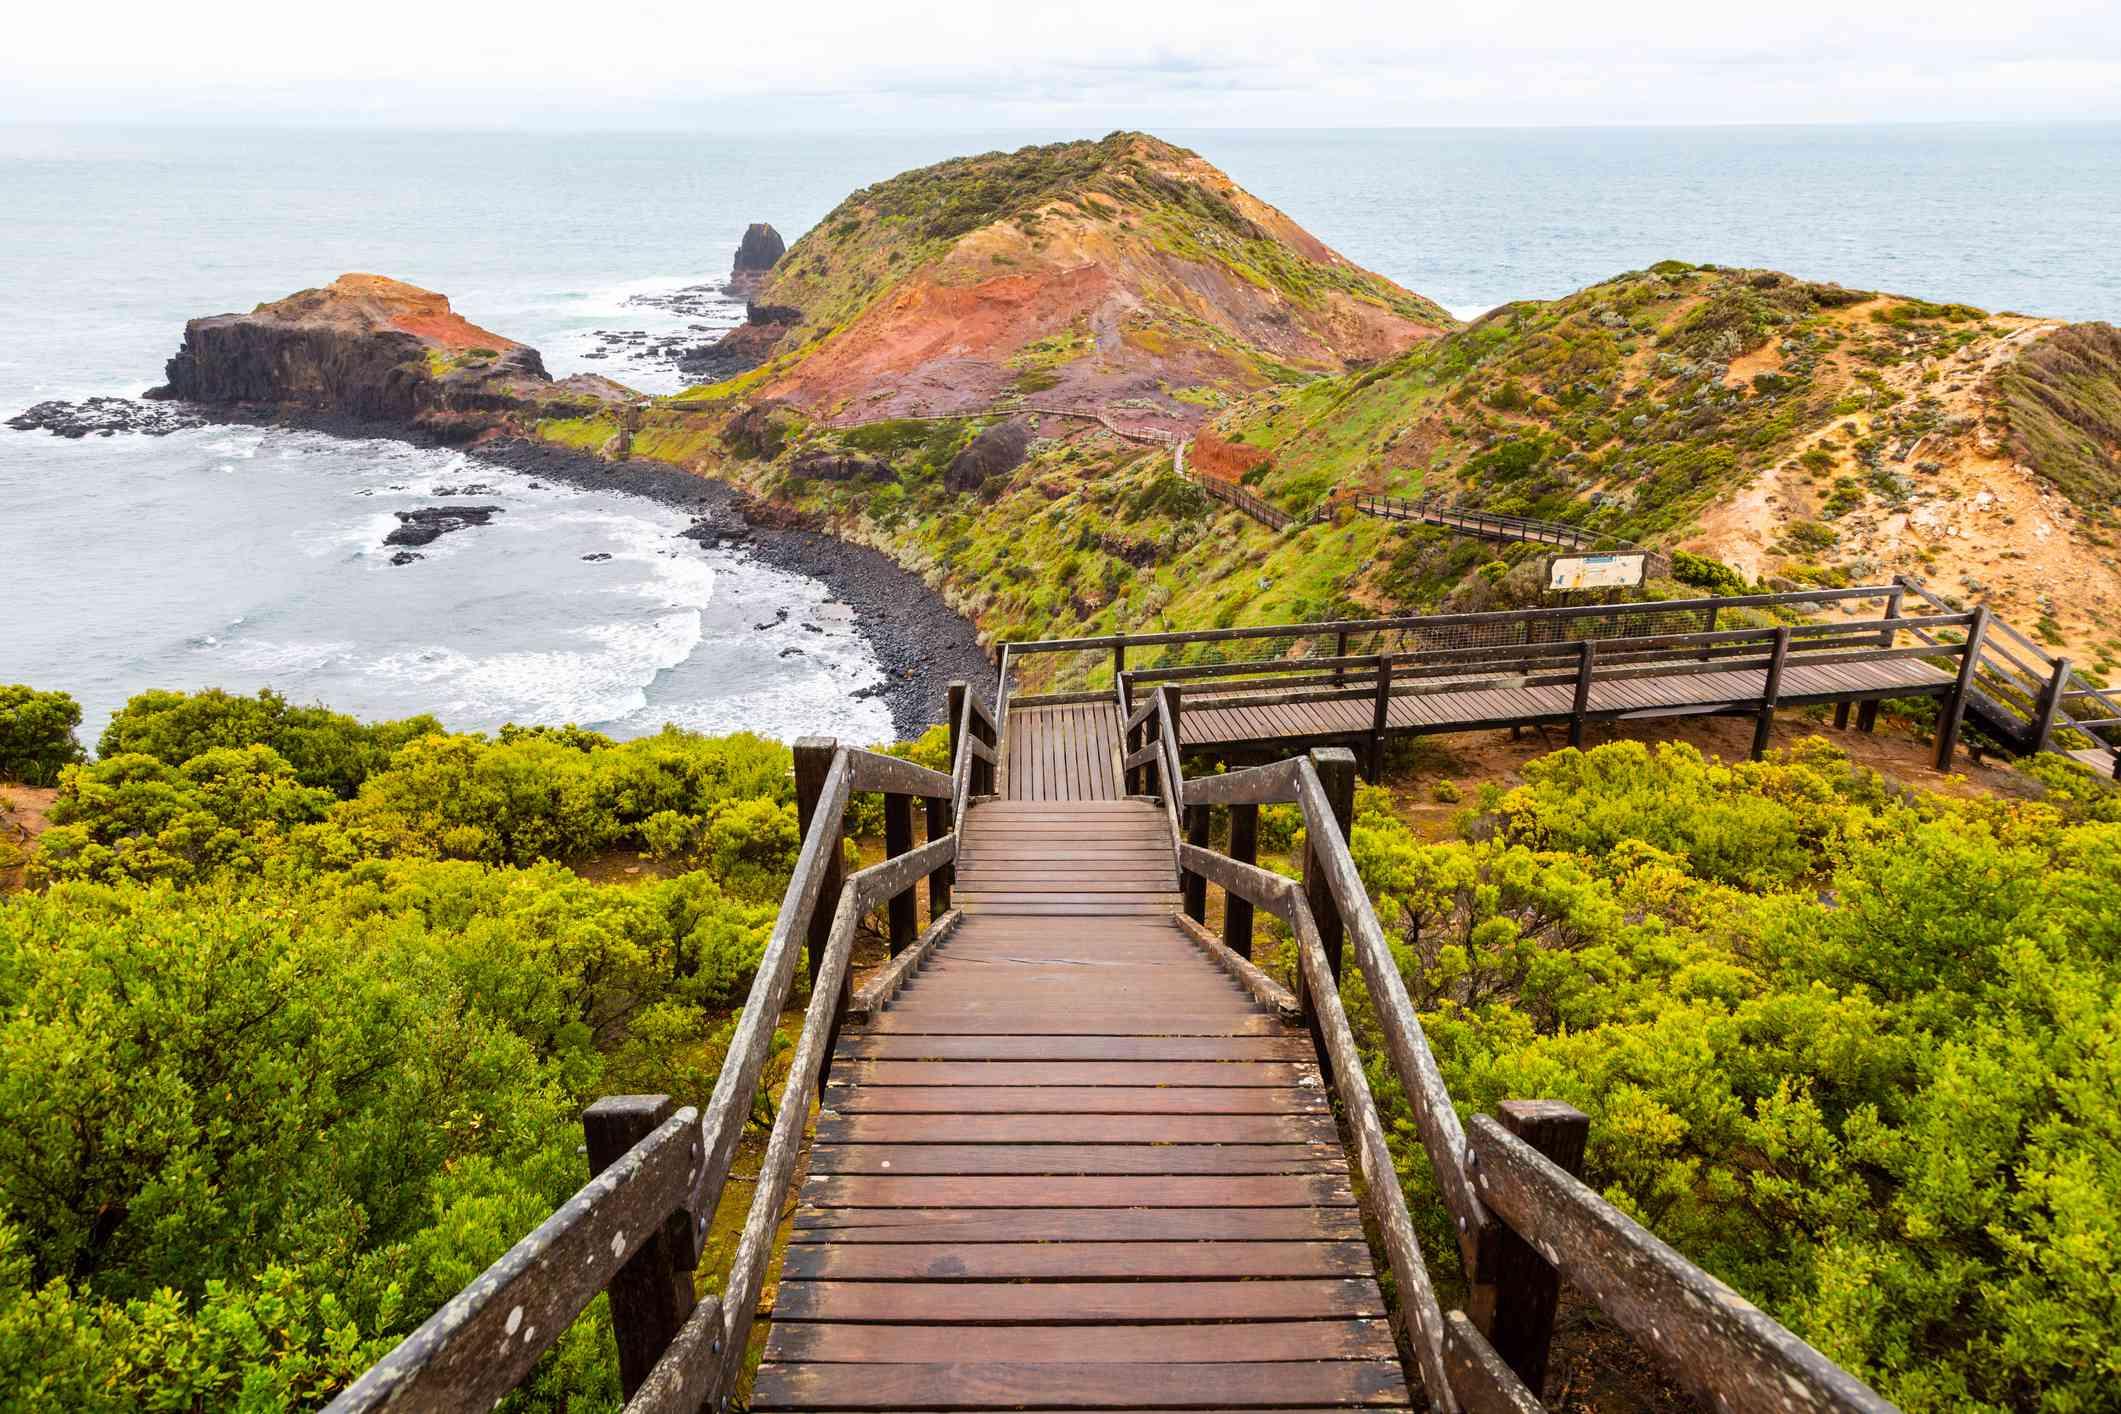 Cape Schanck Stairs